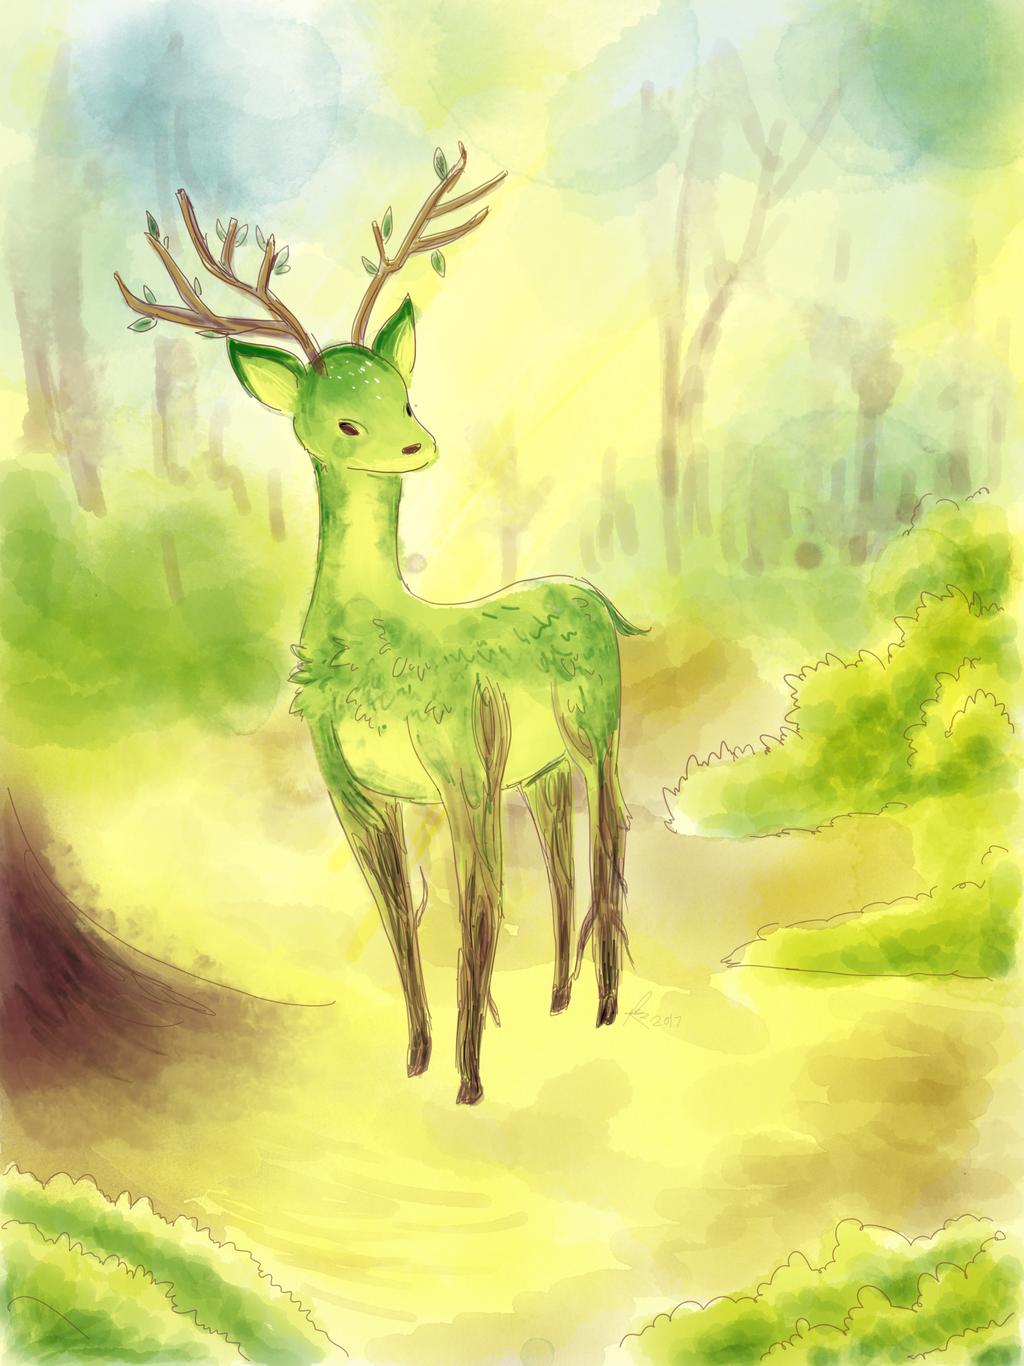 Leaf deer by Chocoreaper